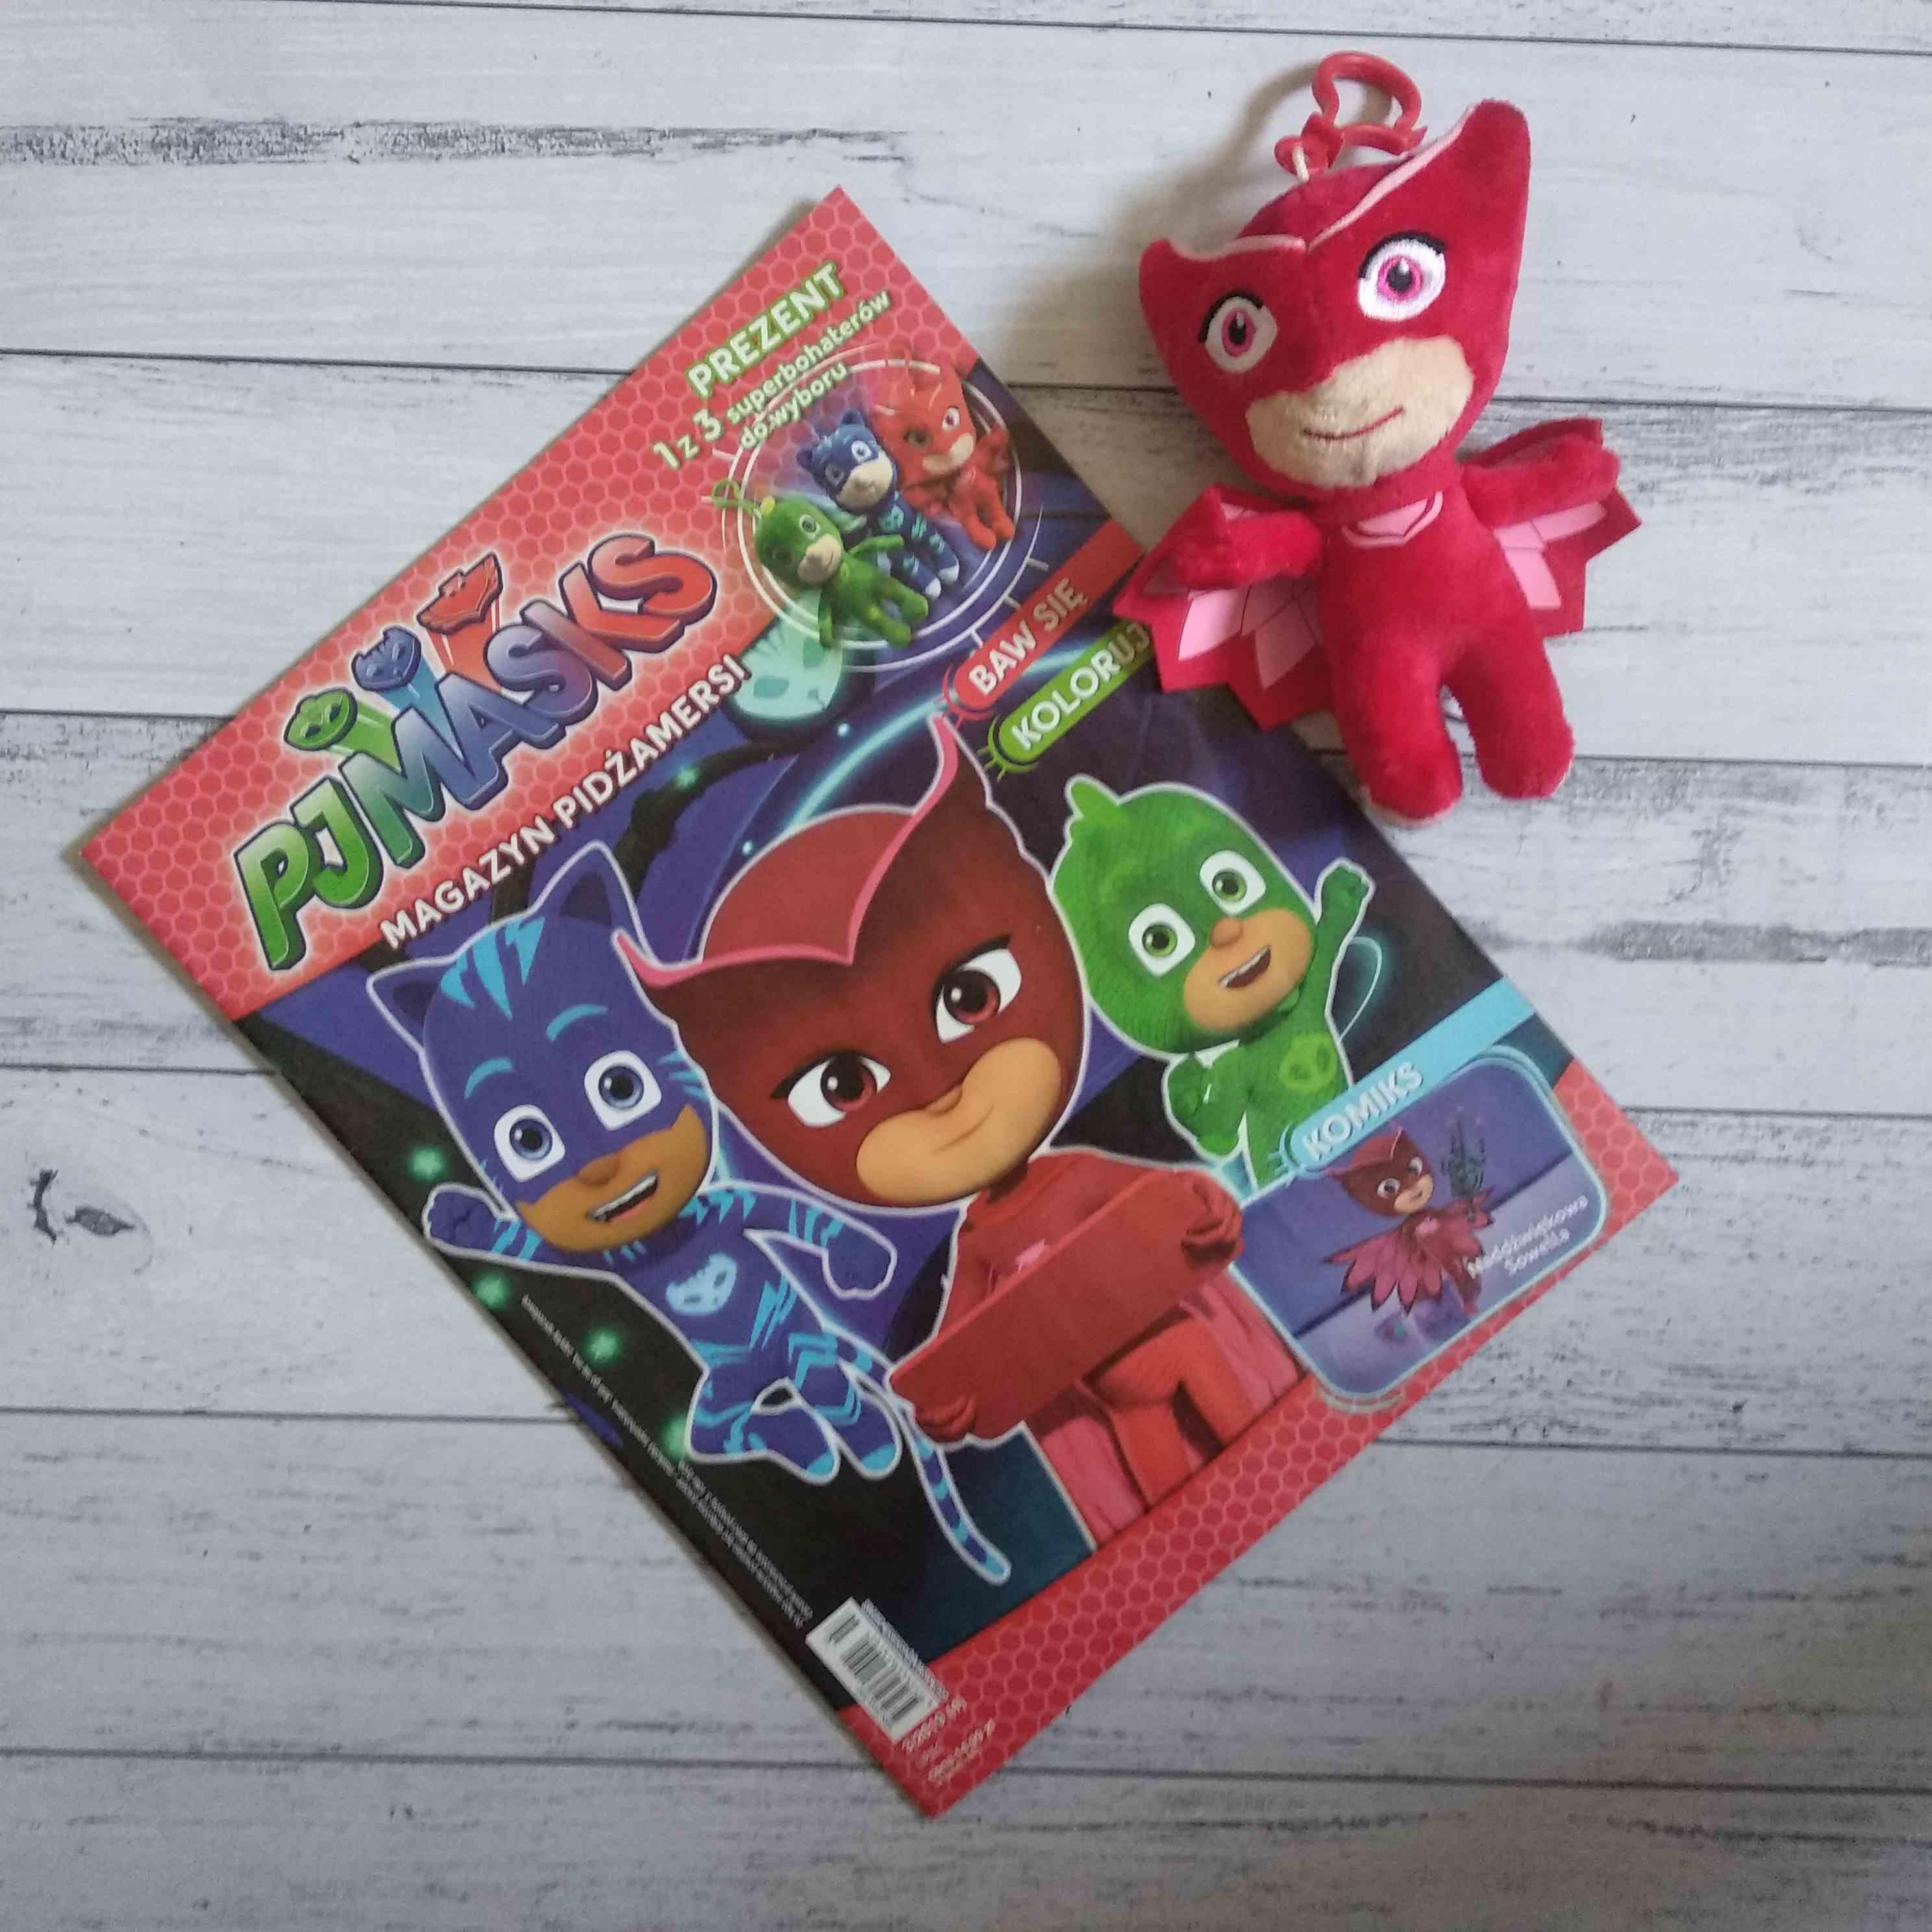 IMG 20190801 143406 - Magazyny dla dzieci - Media Service Zawada